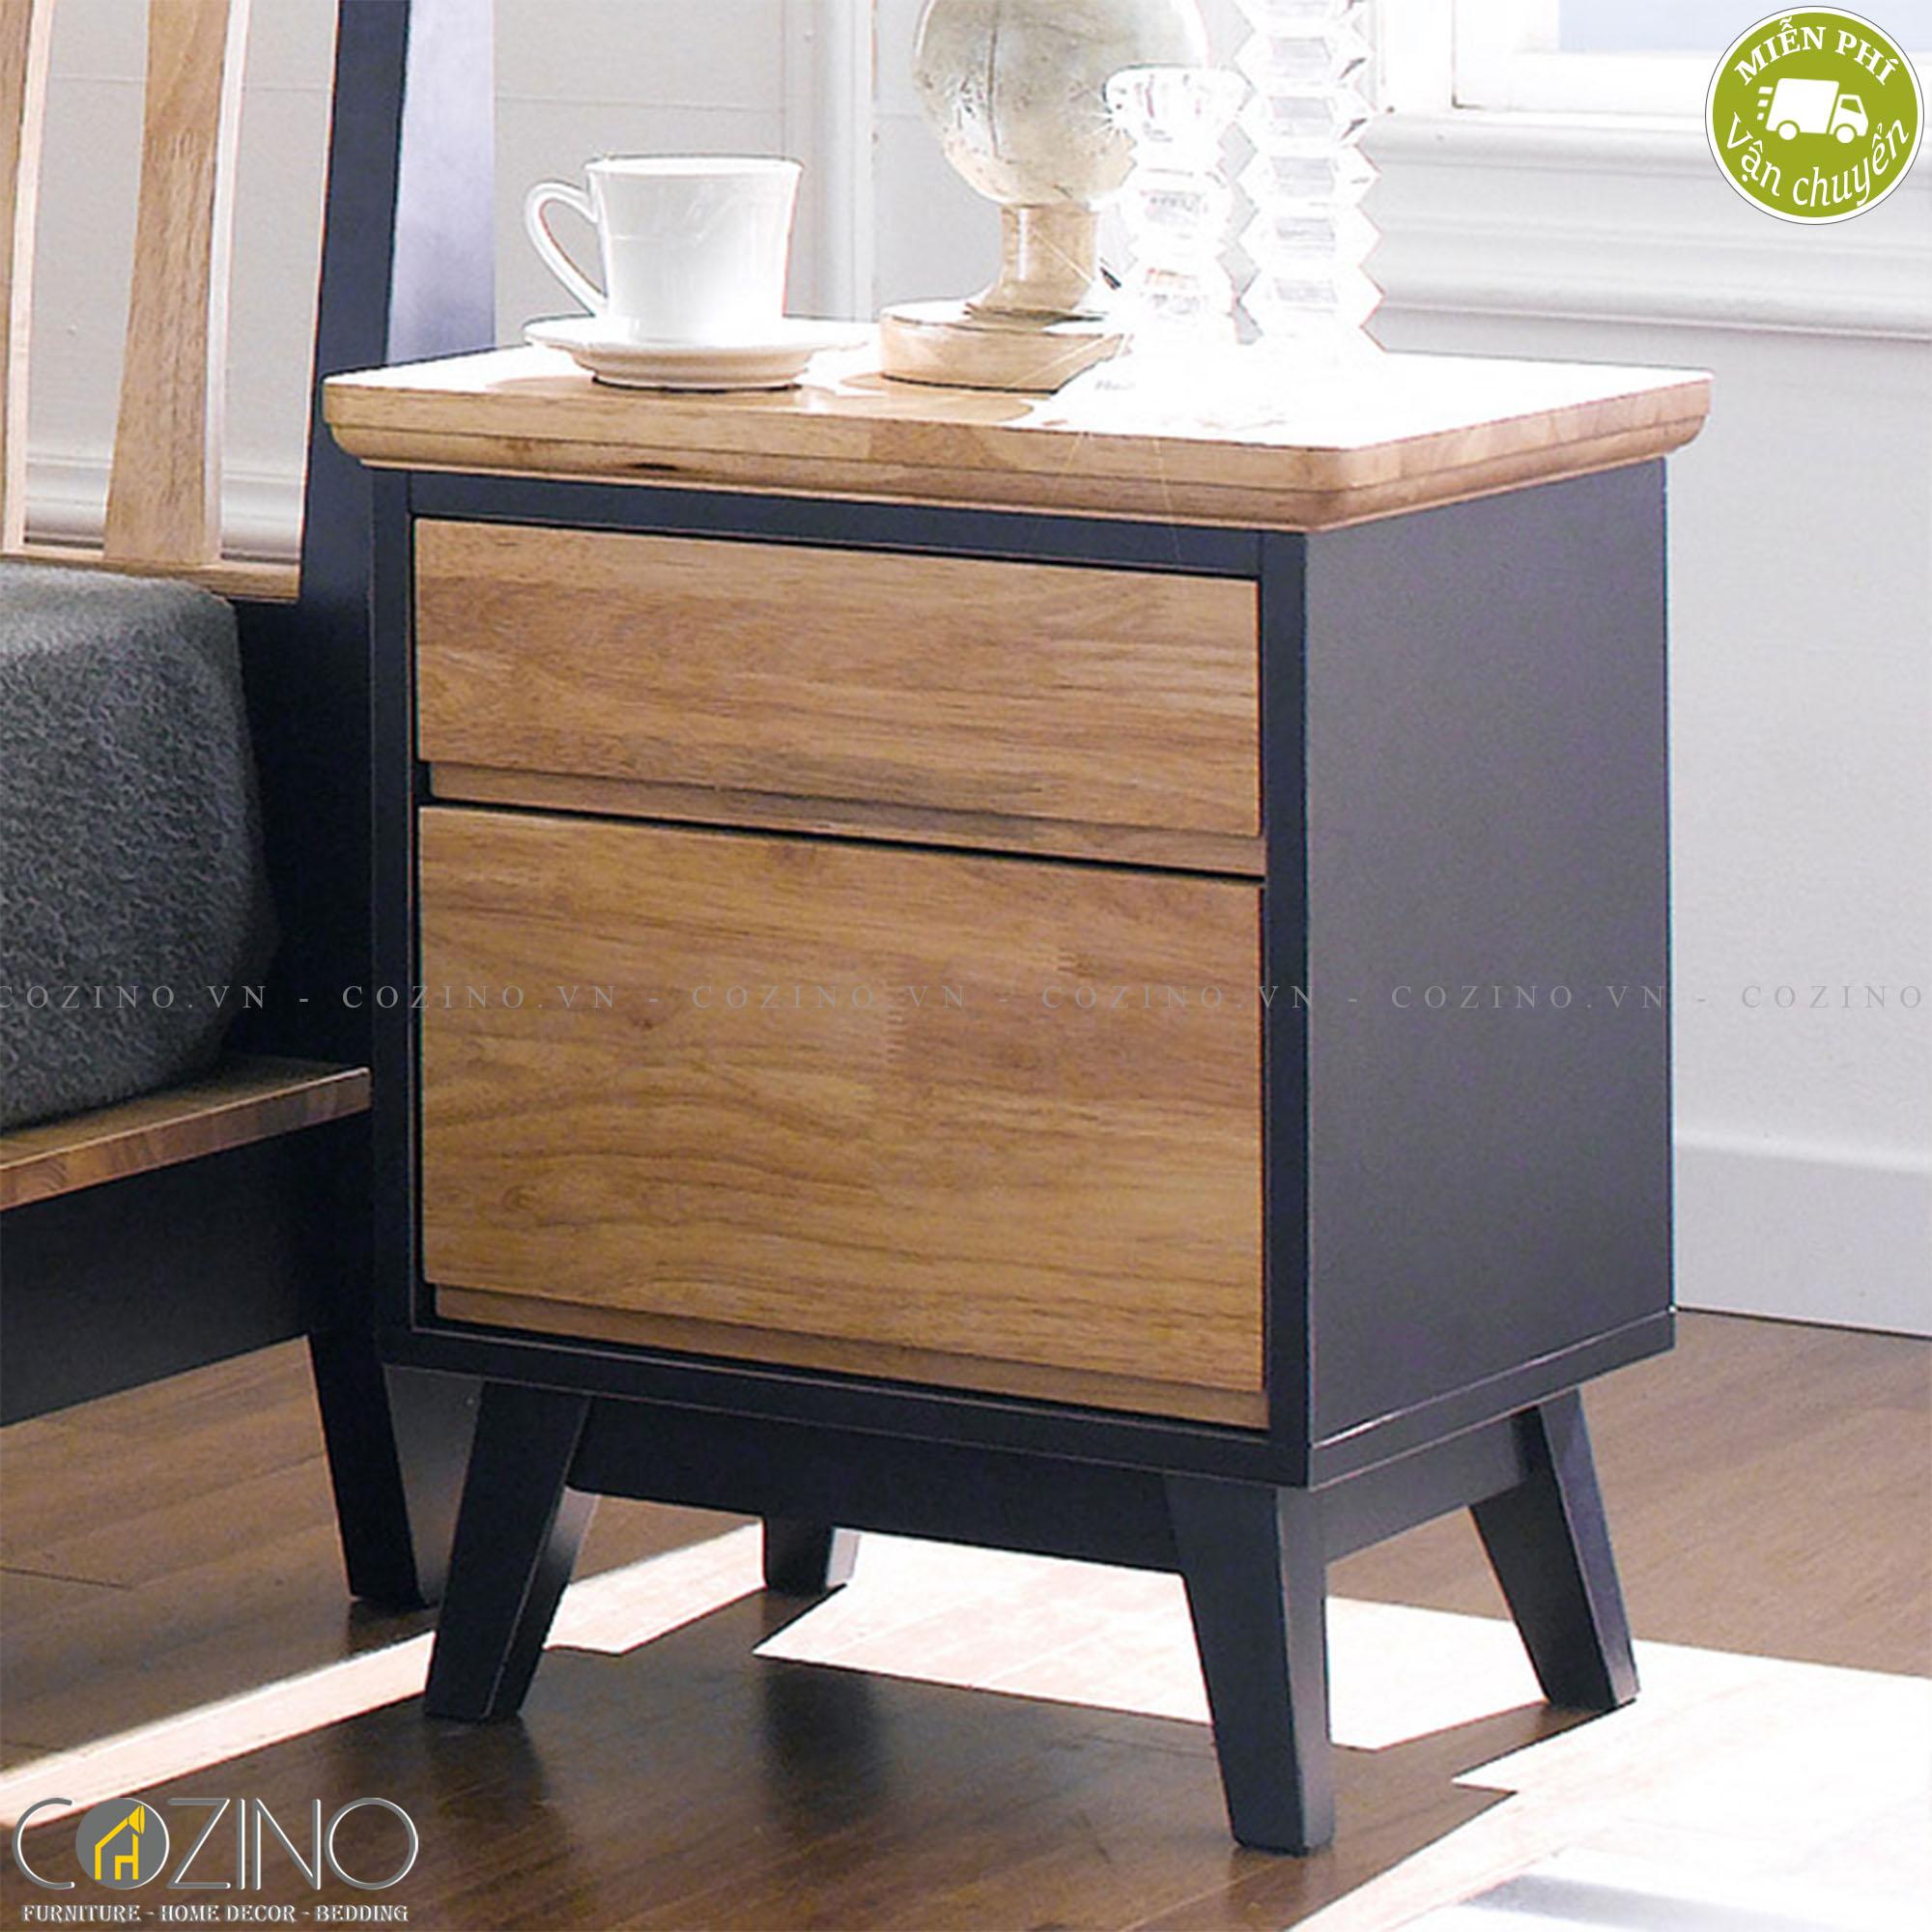 Tủ đầu giường Lantana 2 hộc gỗ cao su